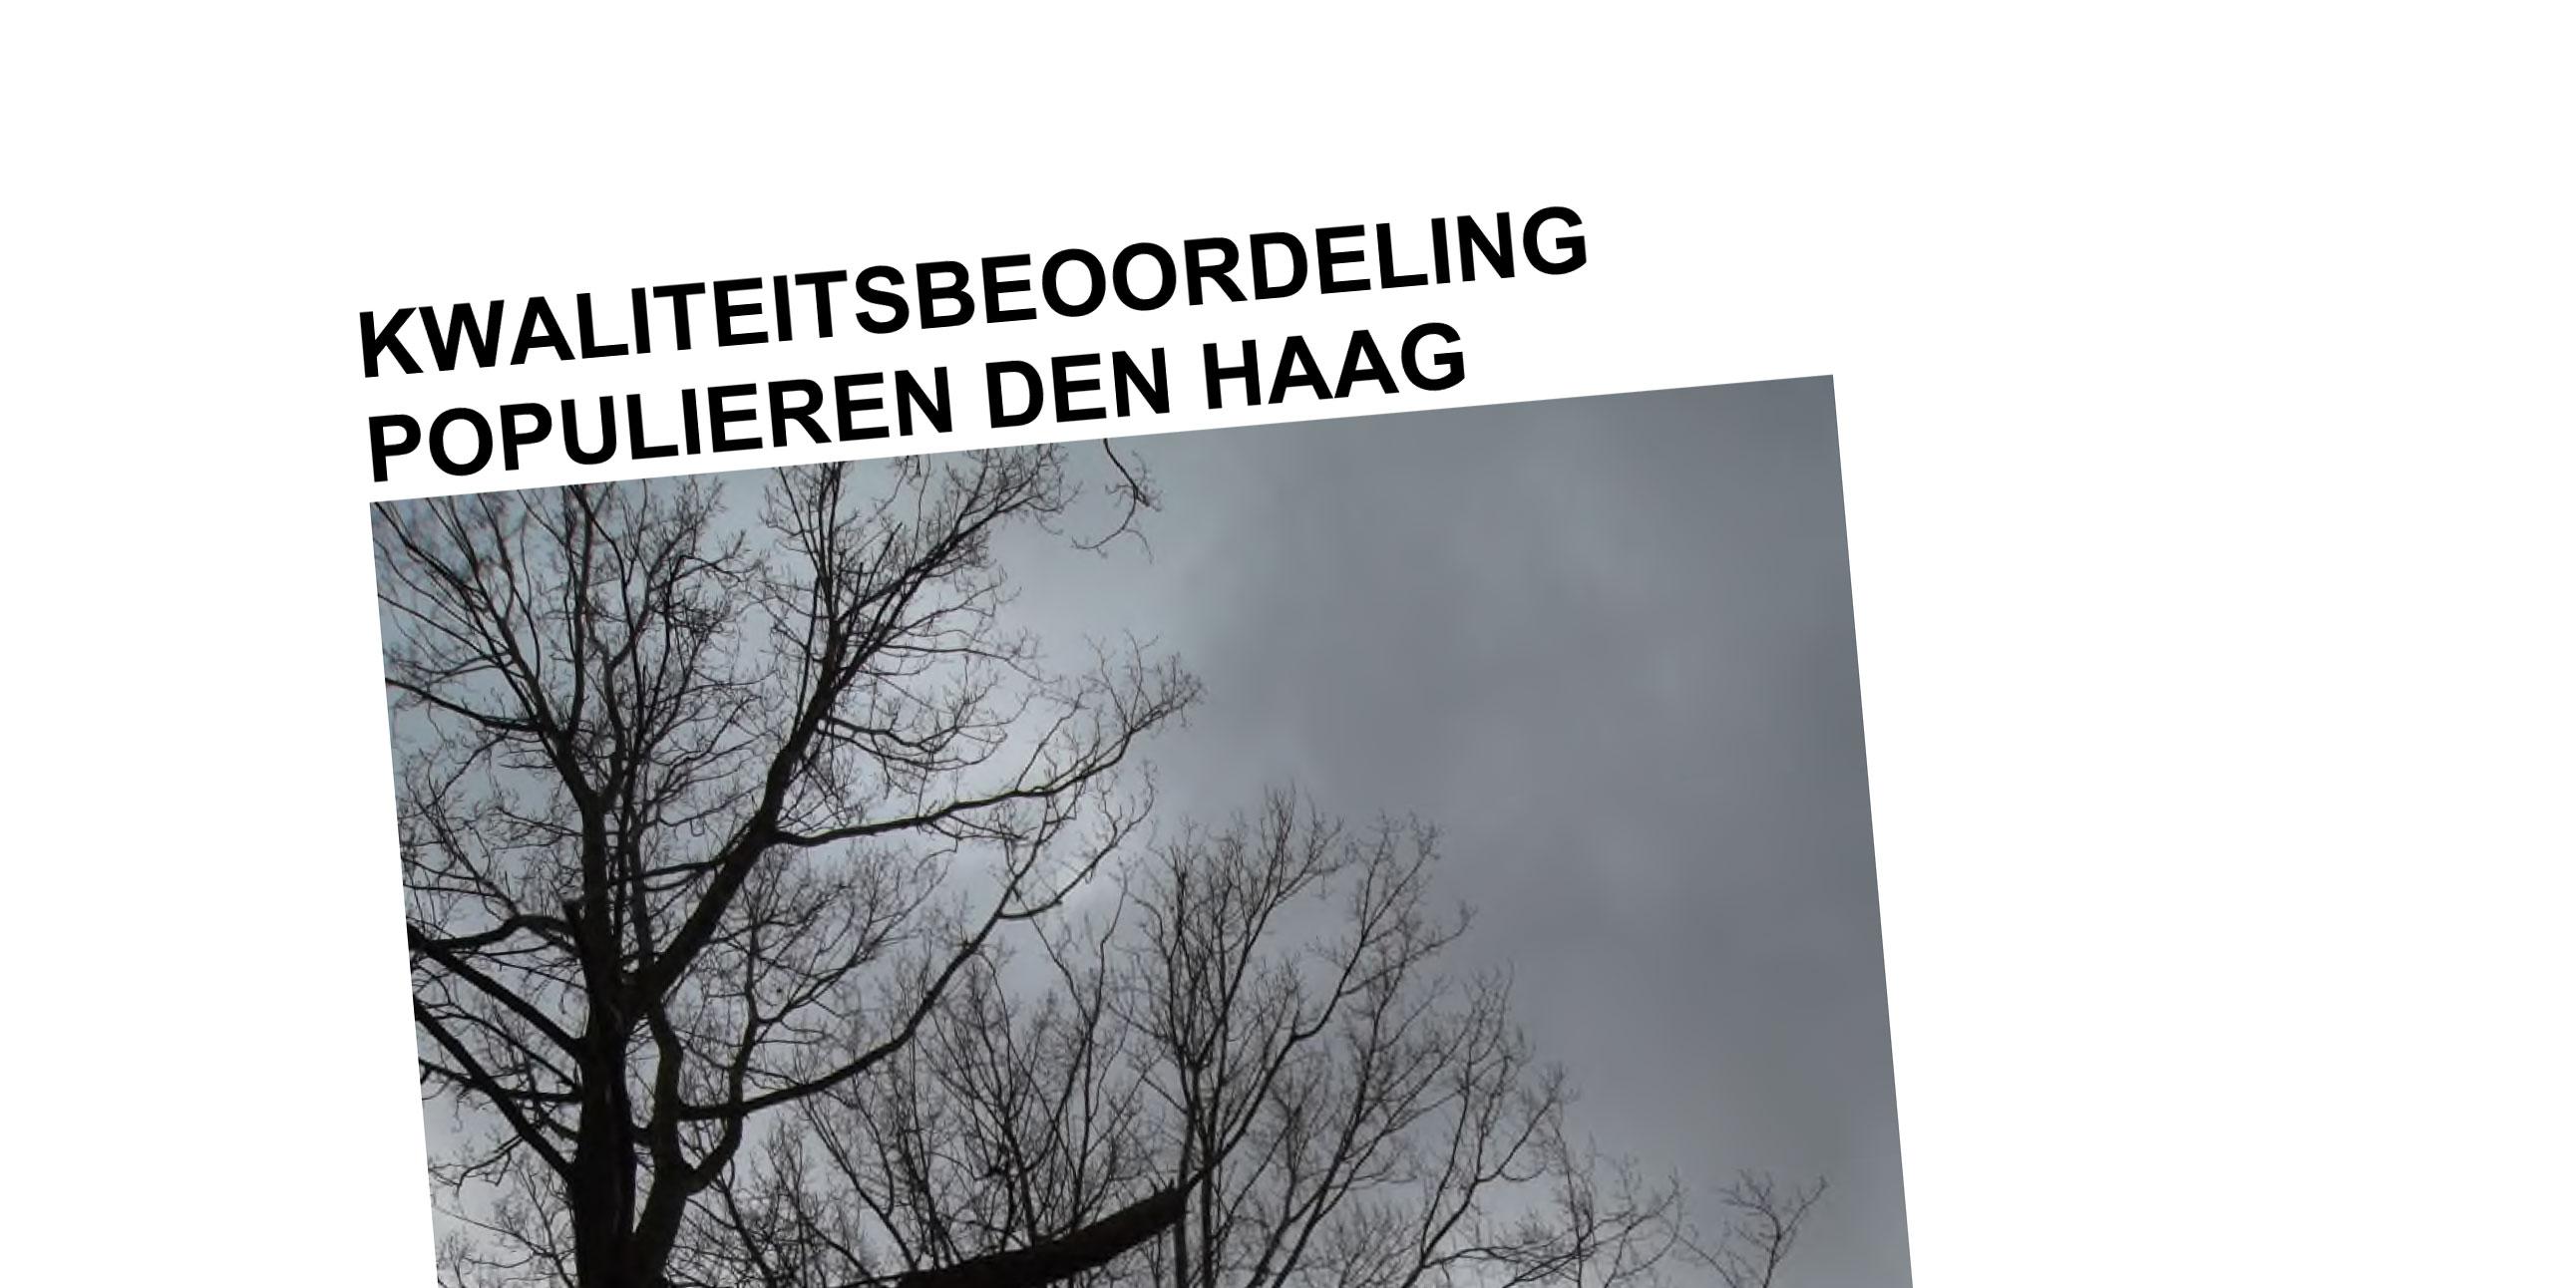 Den-Haag-populieren-beoordeling